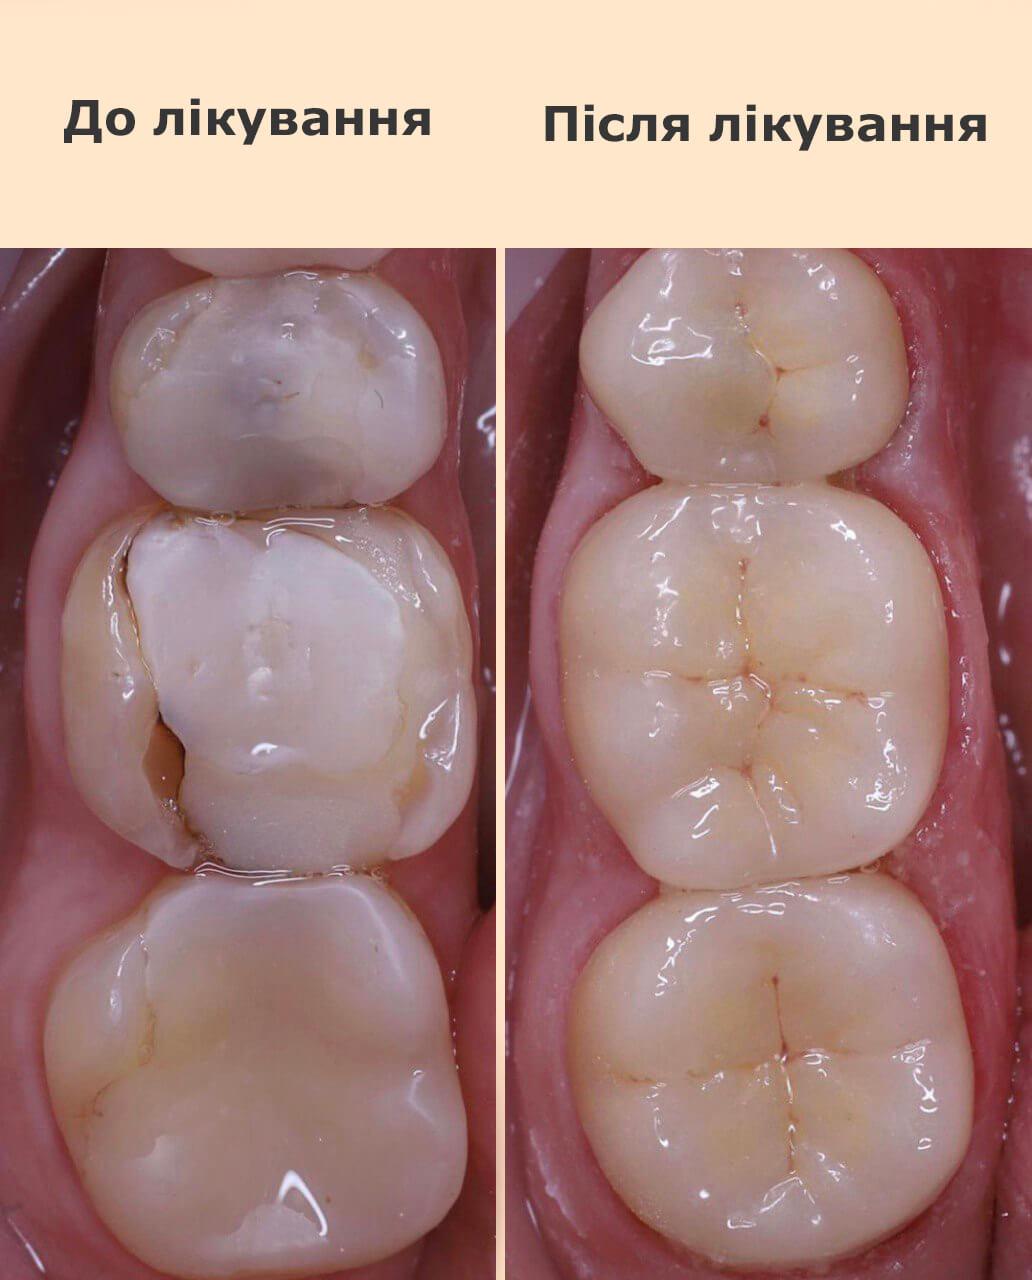 Встановлення керамічних накладок на зуби